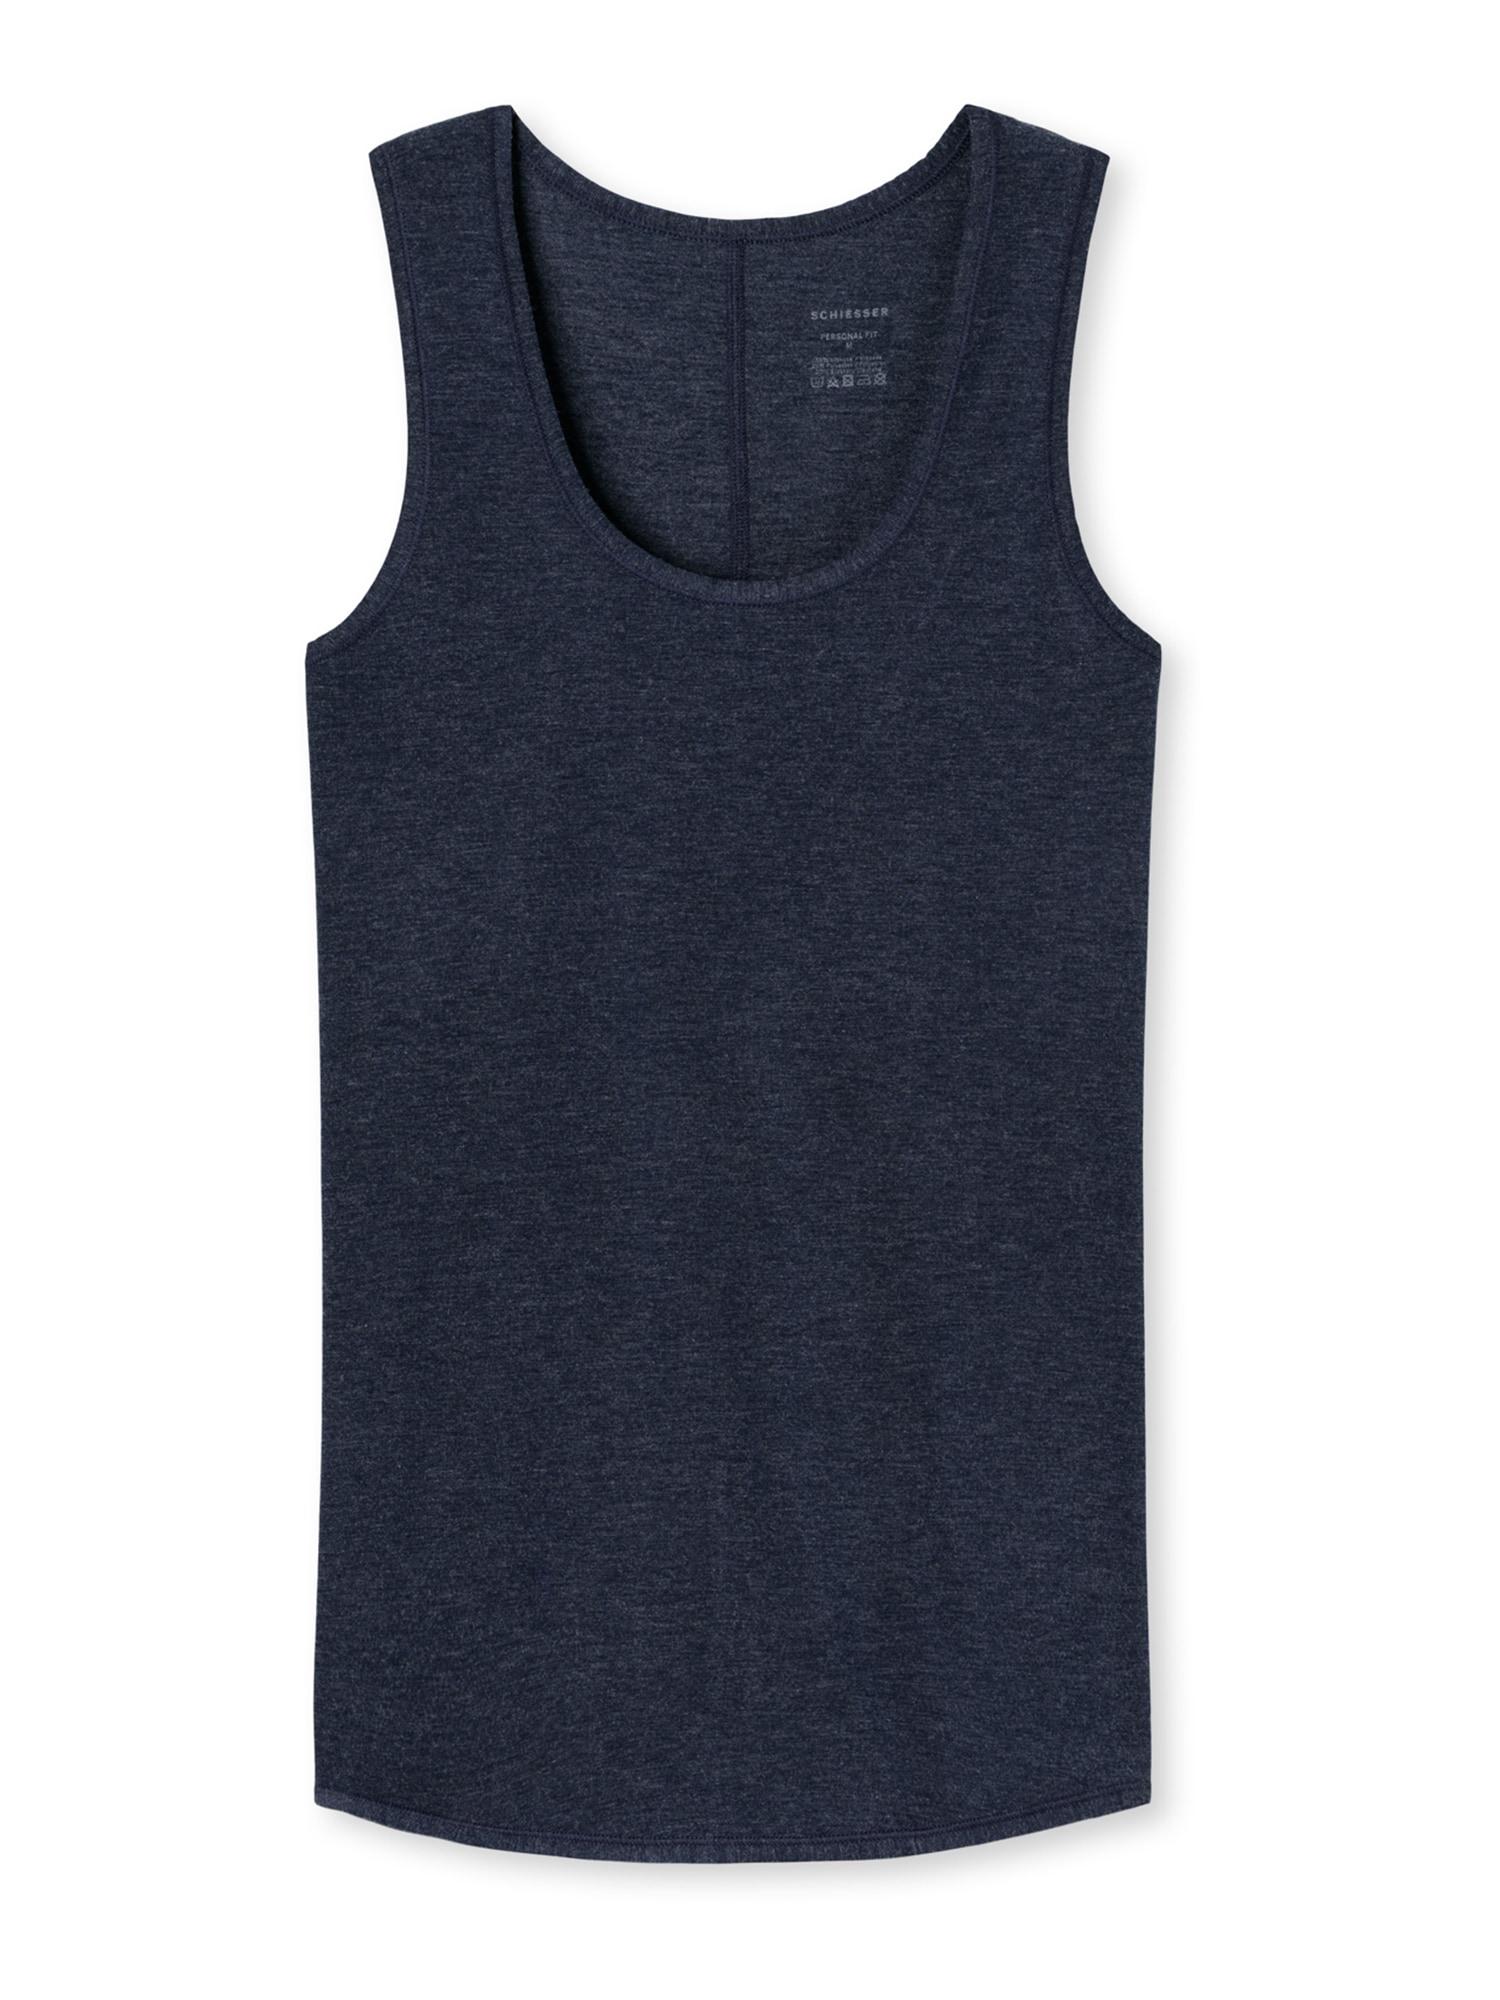 SCHIESSER Apatiniai marškinėliai kobalto mėlyna